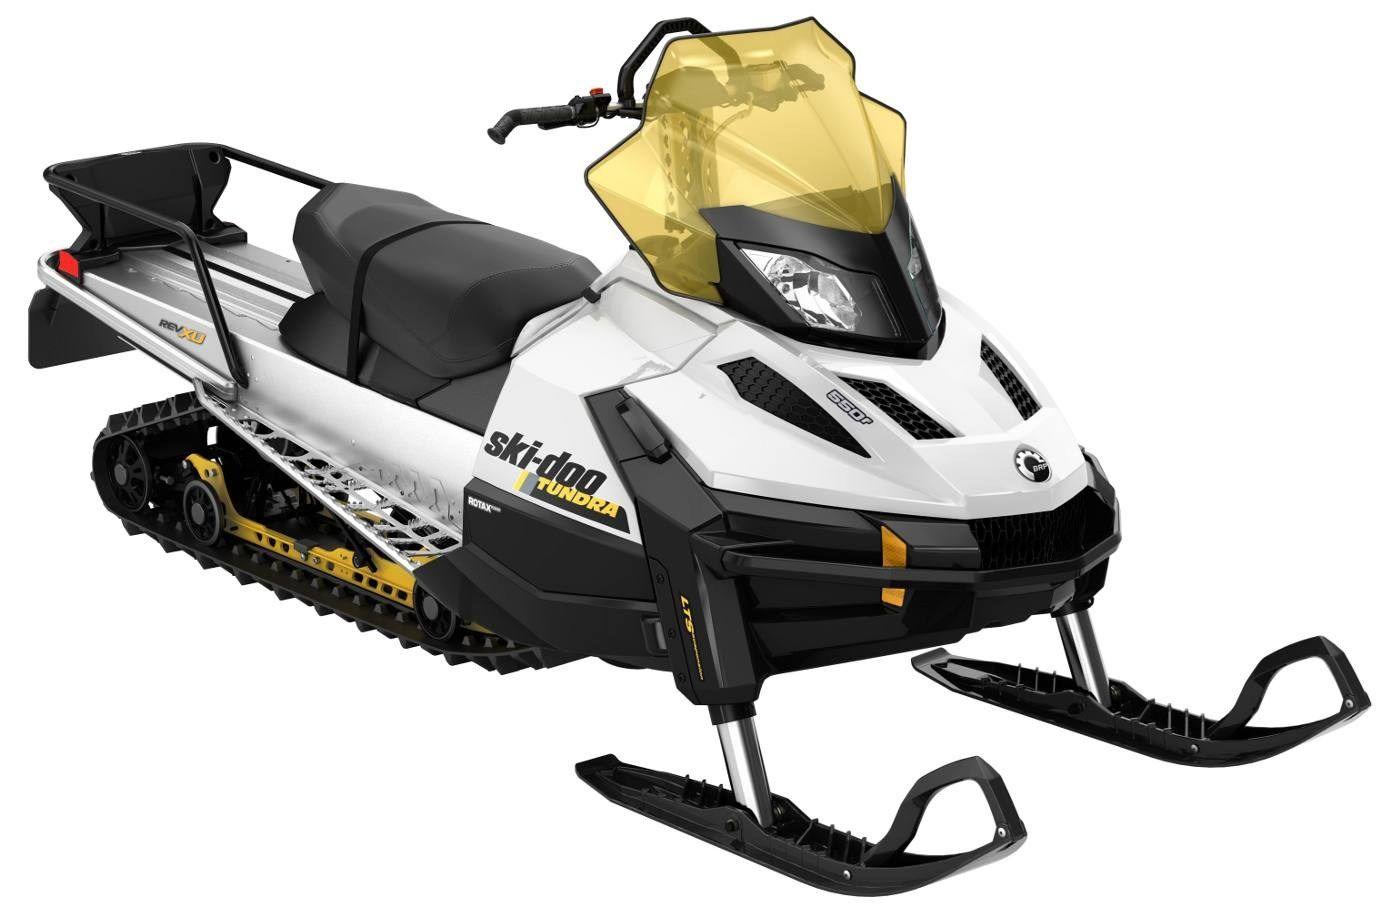 2015 SkiDoo Tundra™ LT Rotax® 550F Snowmobile, Tundra